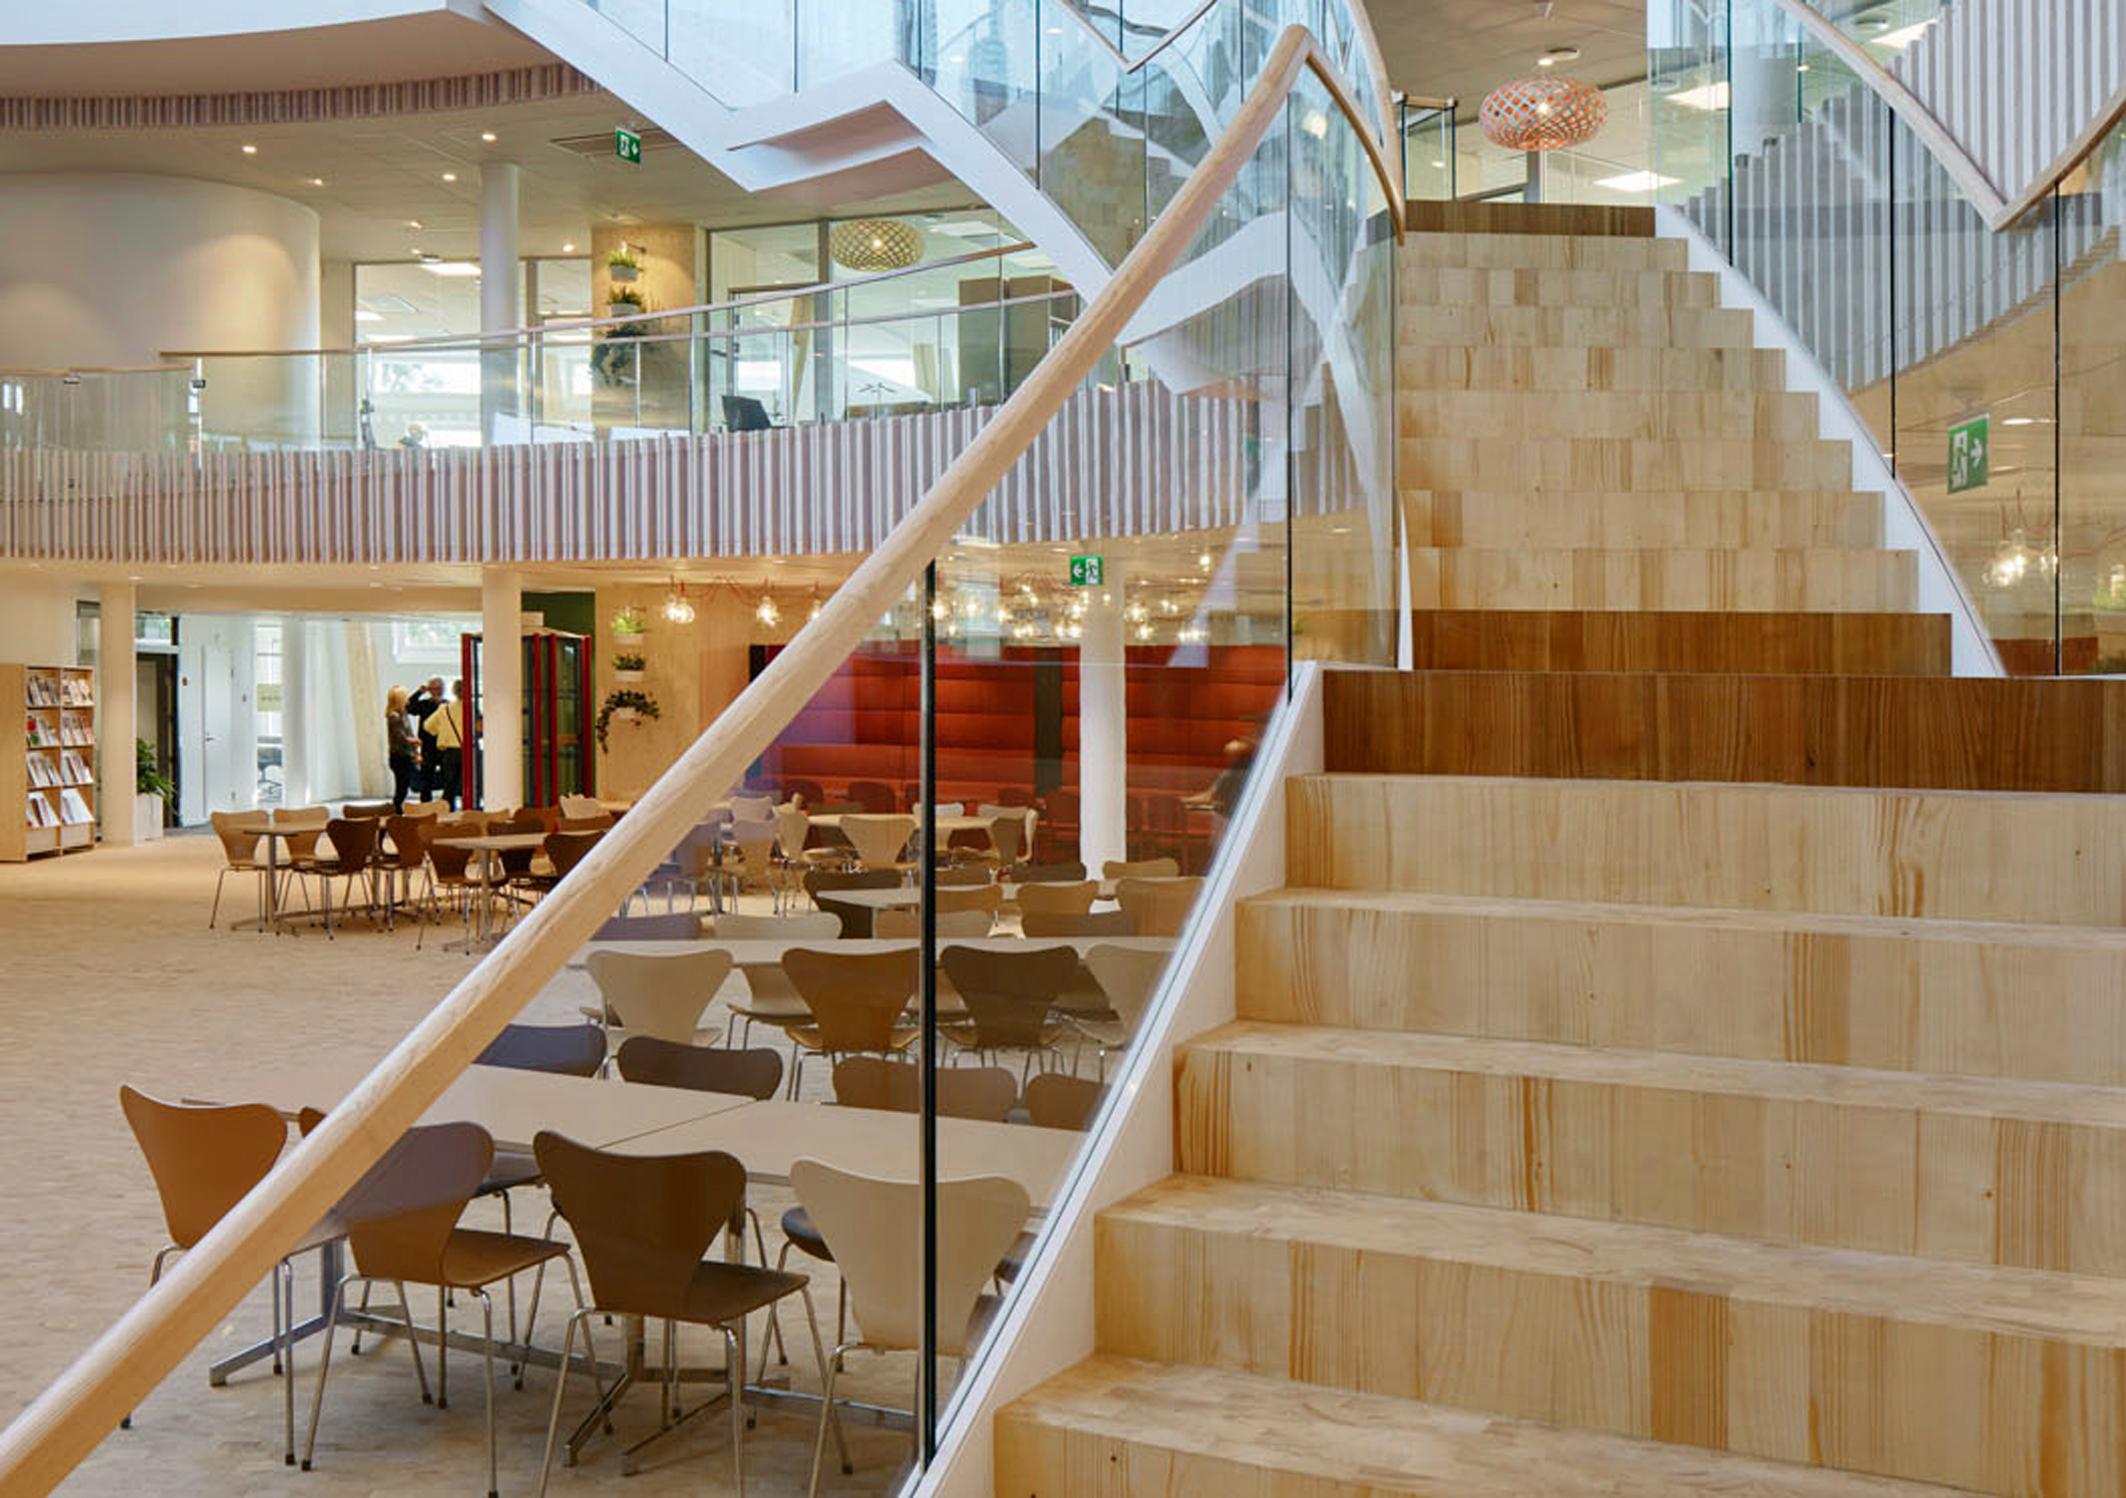 Holzpflasterklötze sind vielseitig einsetzbar © HP/OPW Oltmanns & Willms